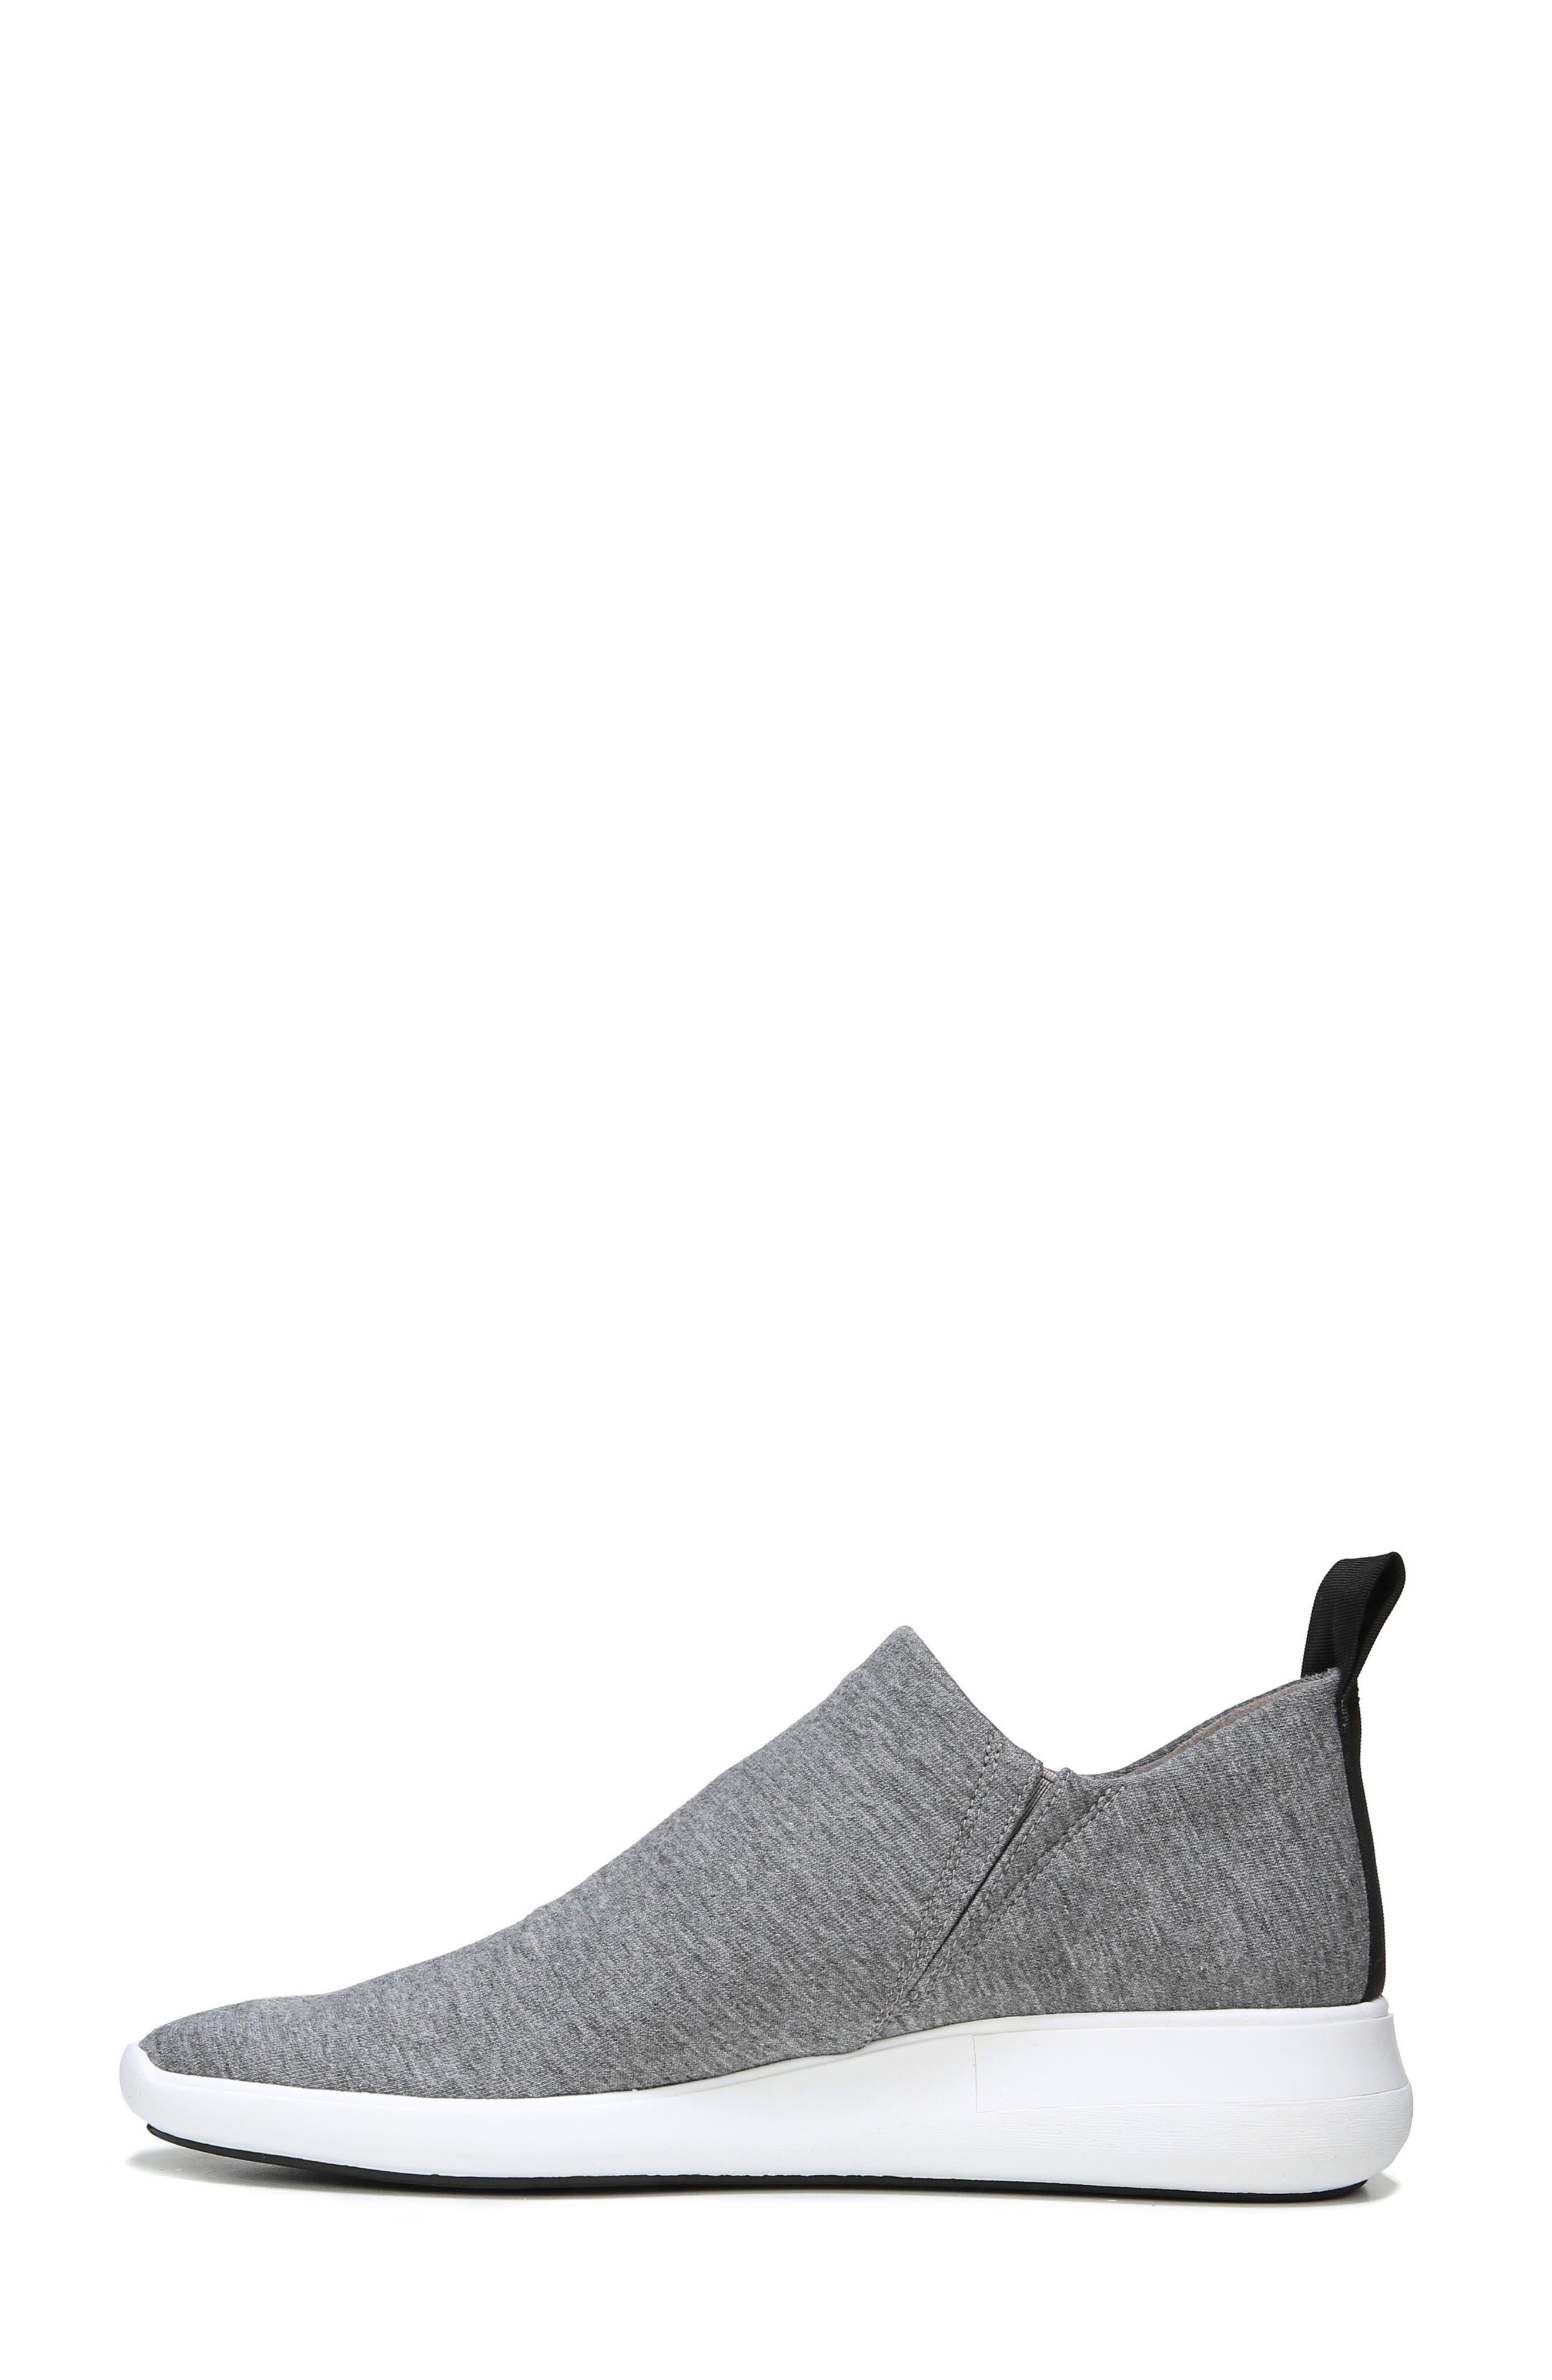 Marlow Slip-On Sneaker,                             Alternate thumbnail 7, color,